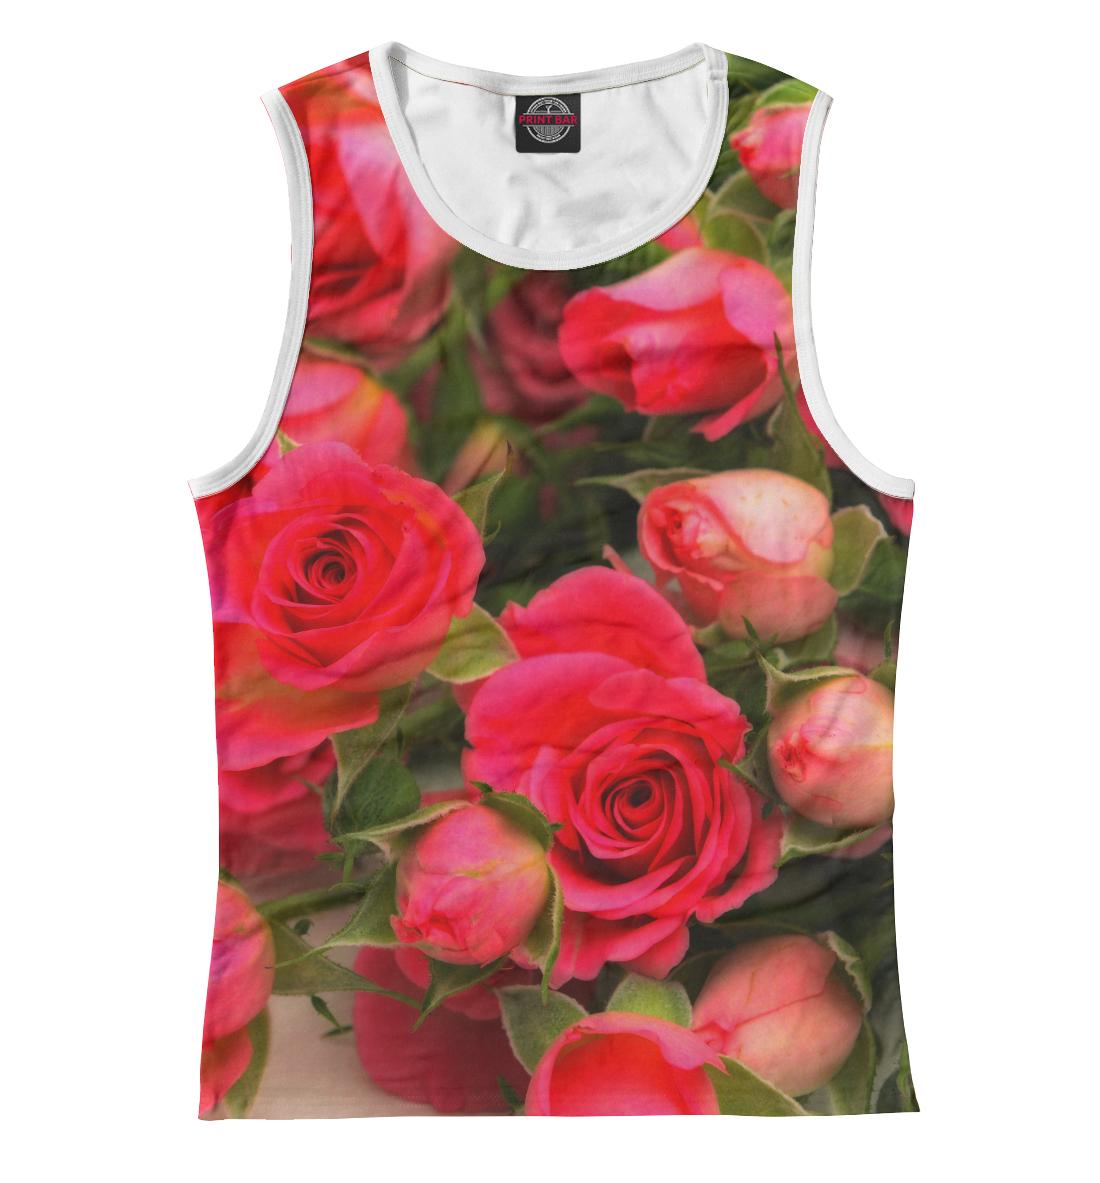 Купить Розы, Printbar, Майки, CVE-107058-may-1